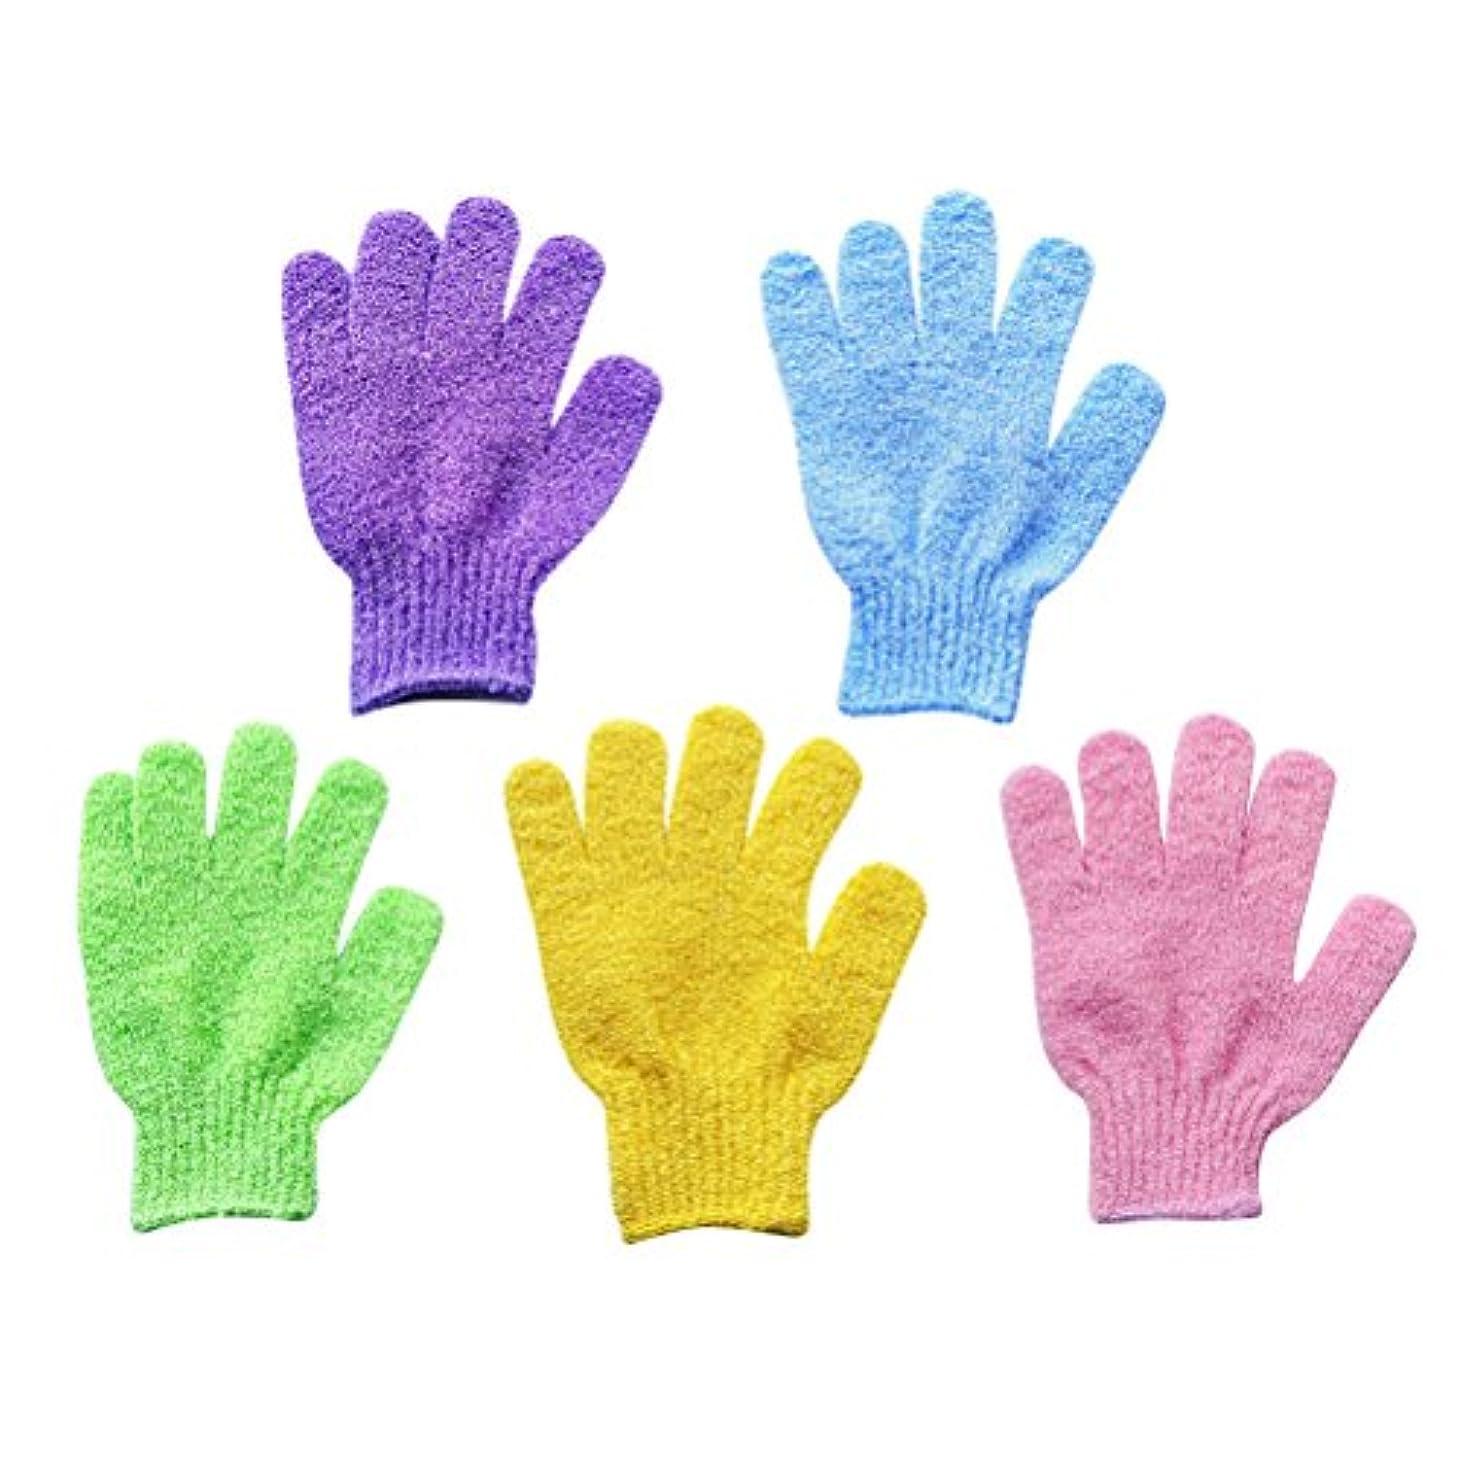 失効単にニコチンLurrose 5本の指を剥離するバスグローブボディスクラブエクスフォリエーターグローブ5ペア(ランダムカラー)